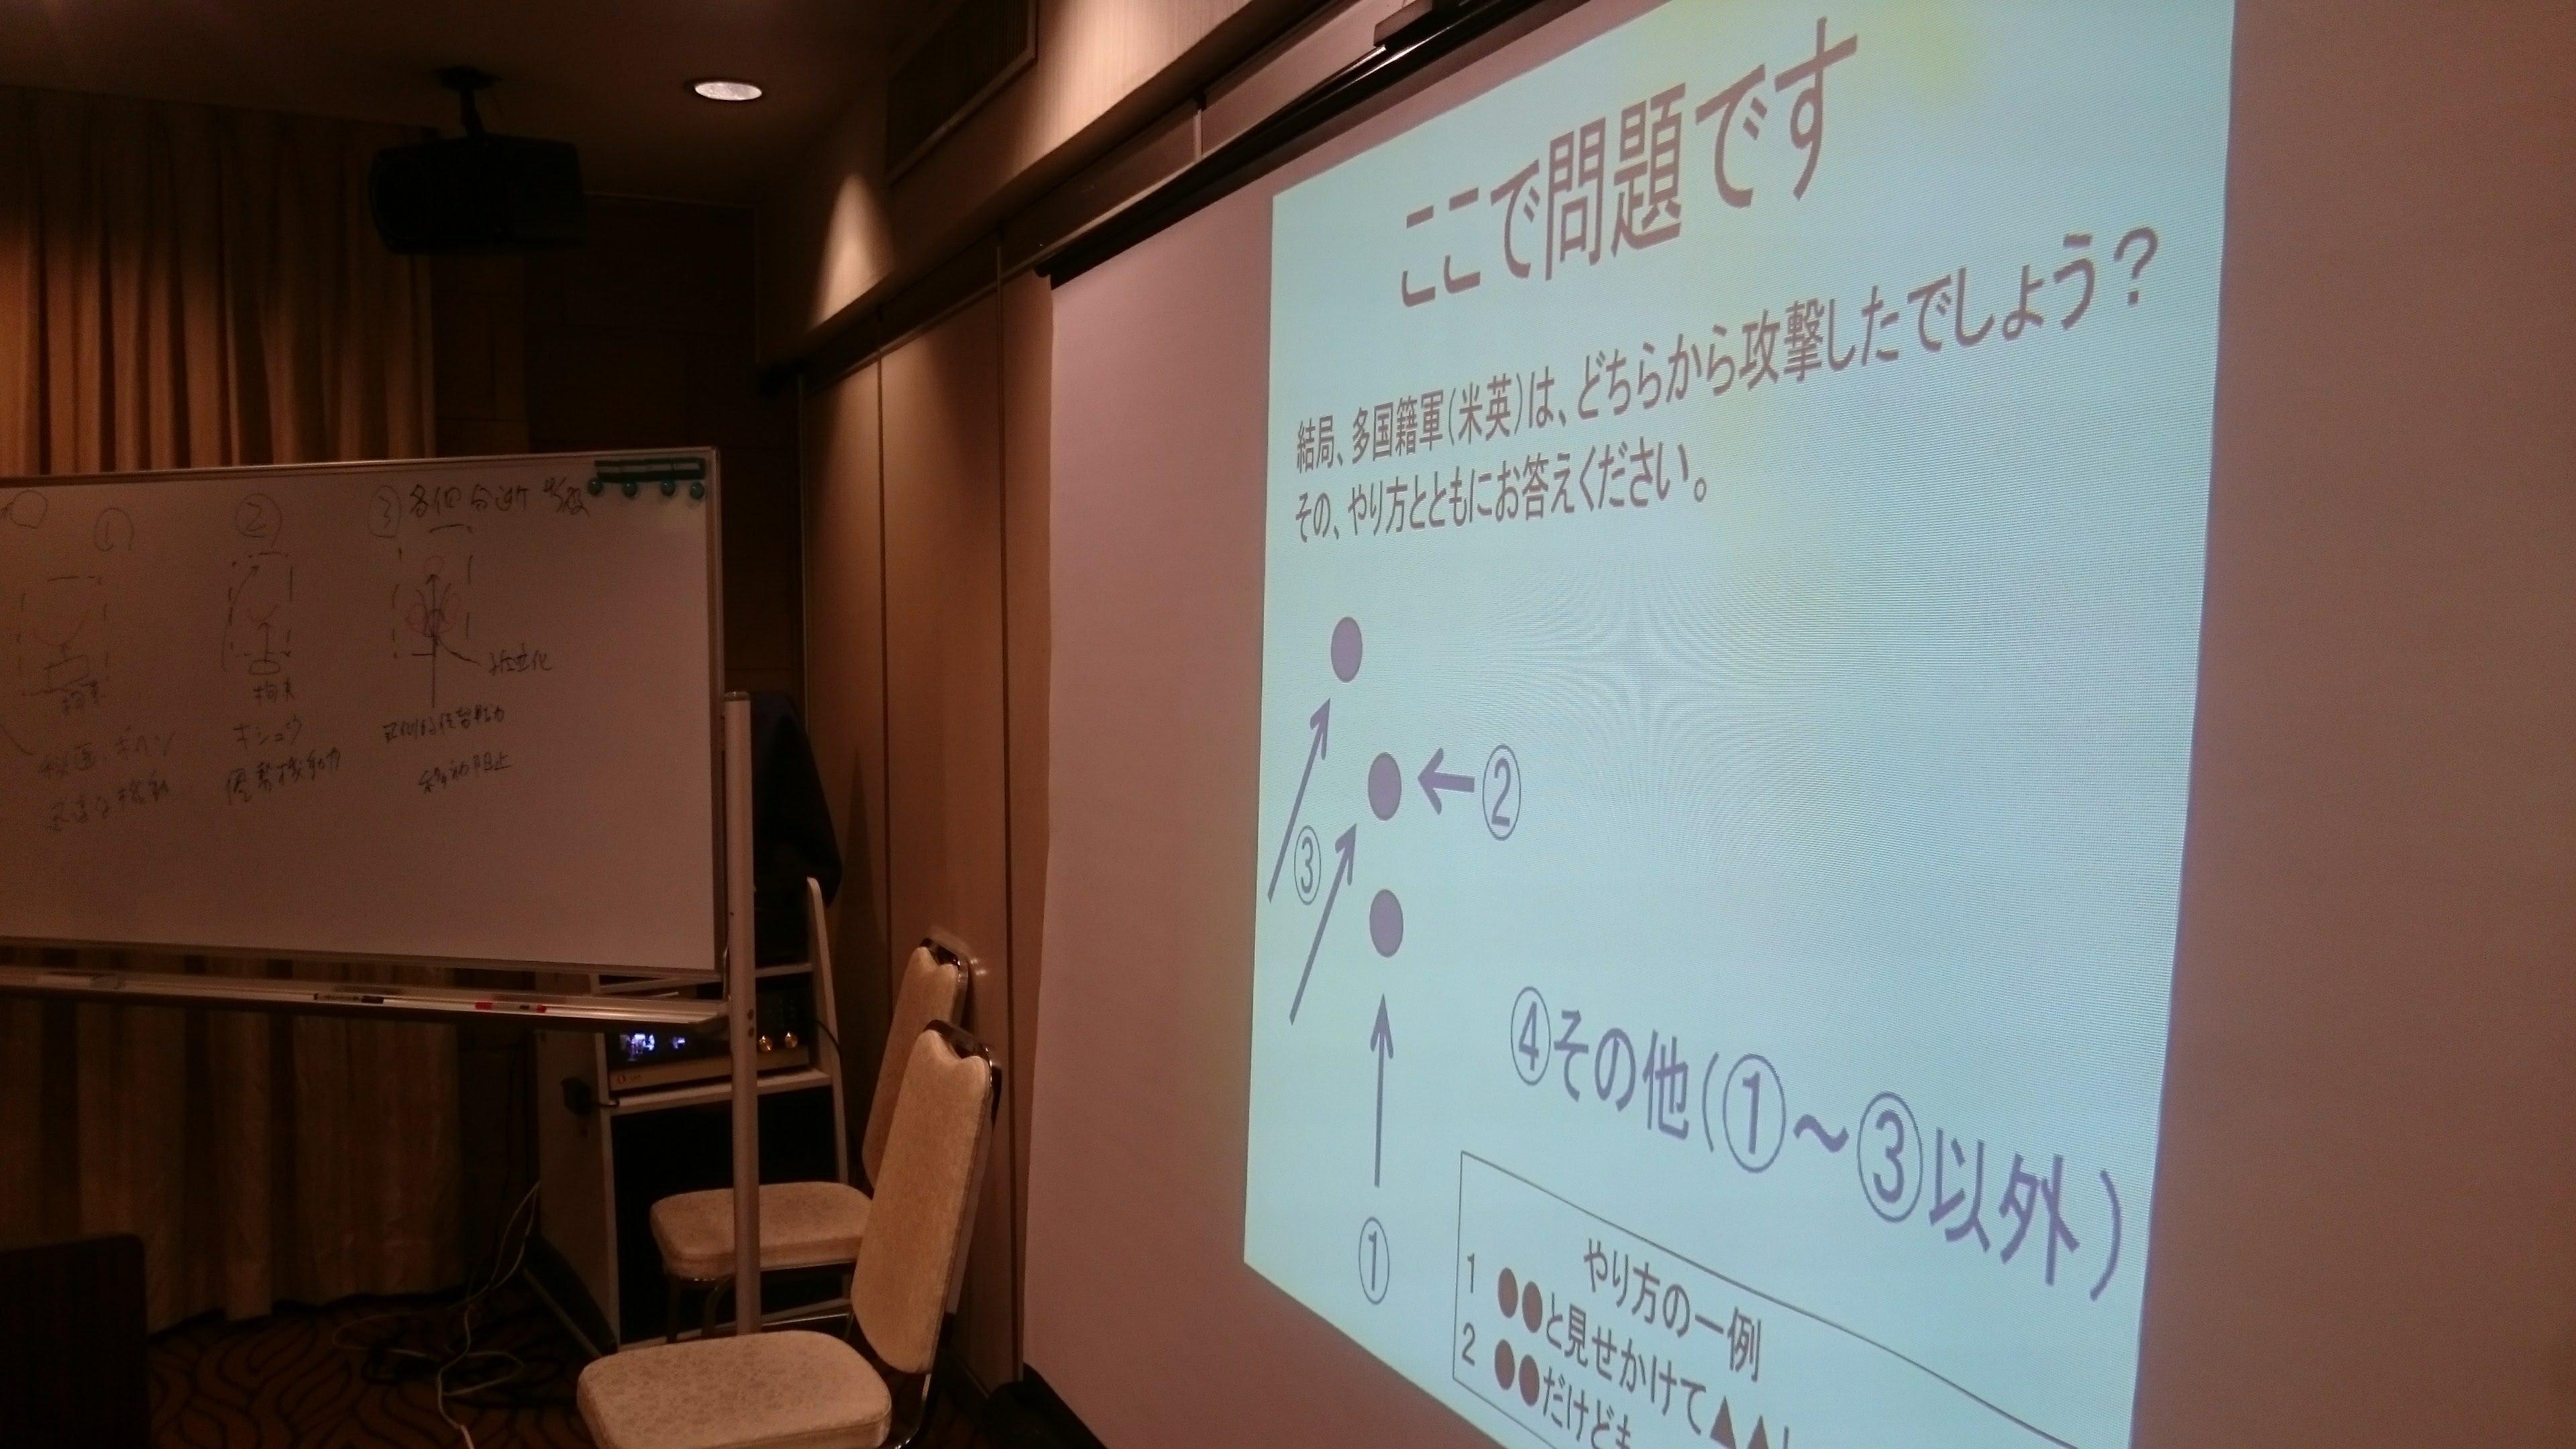 その後どのような作戦による展開になったのか、参加者を交えたクイズ。